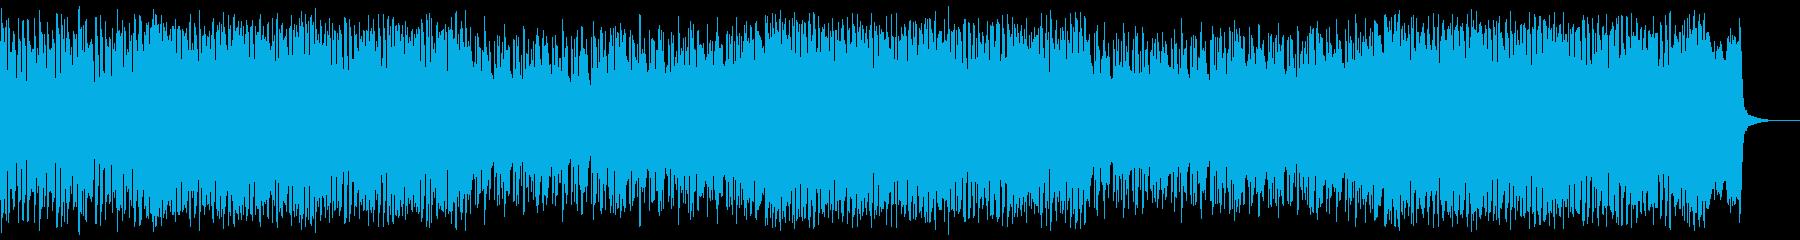 スカ・ドッキリ・OP・ED・盛り上がるの再生済みの波形